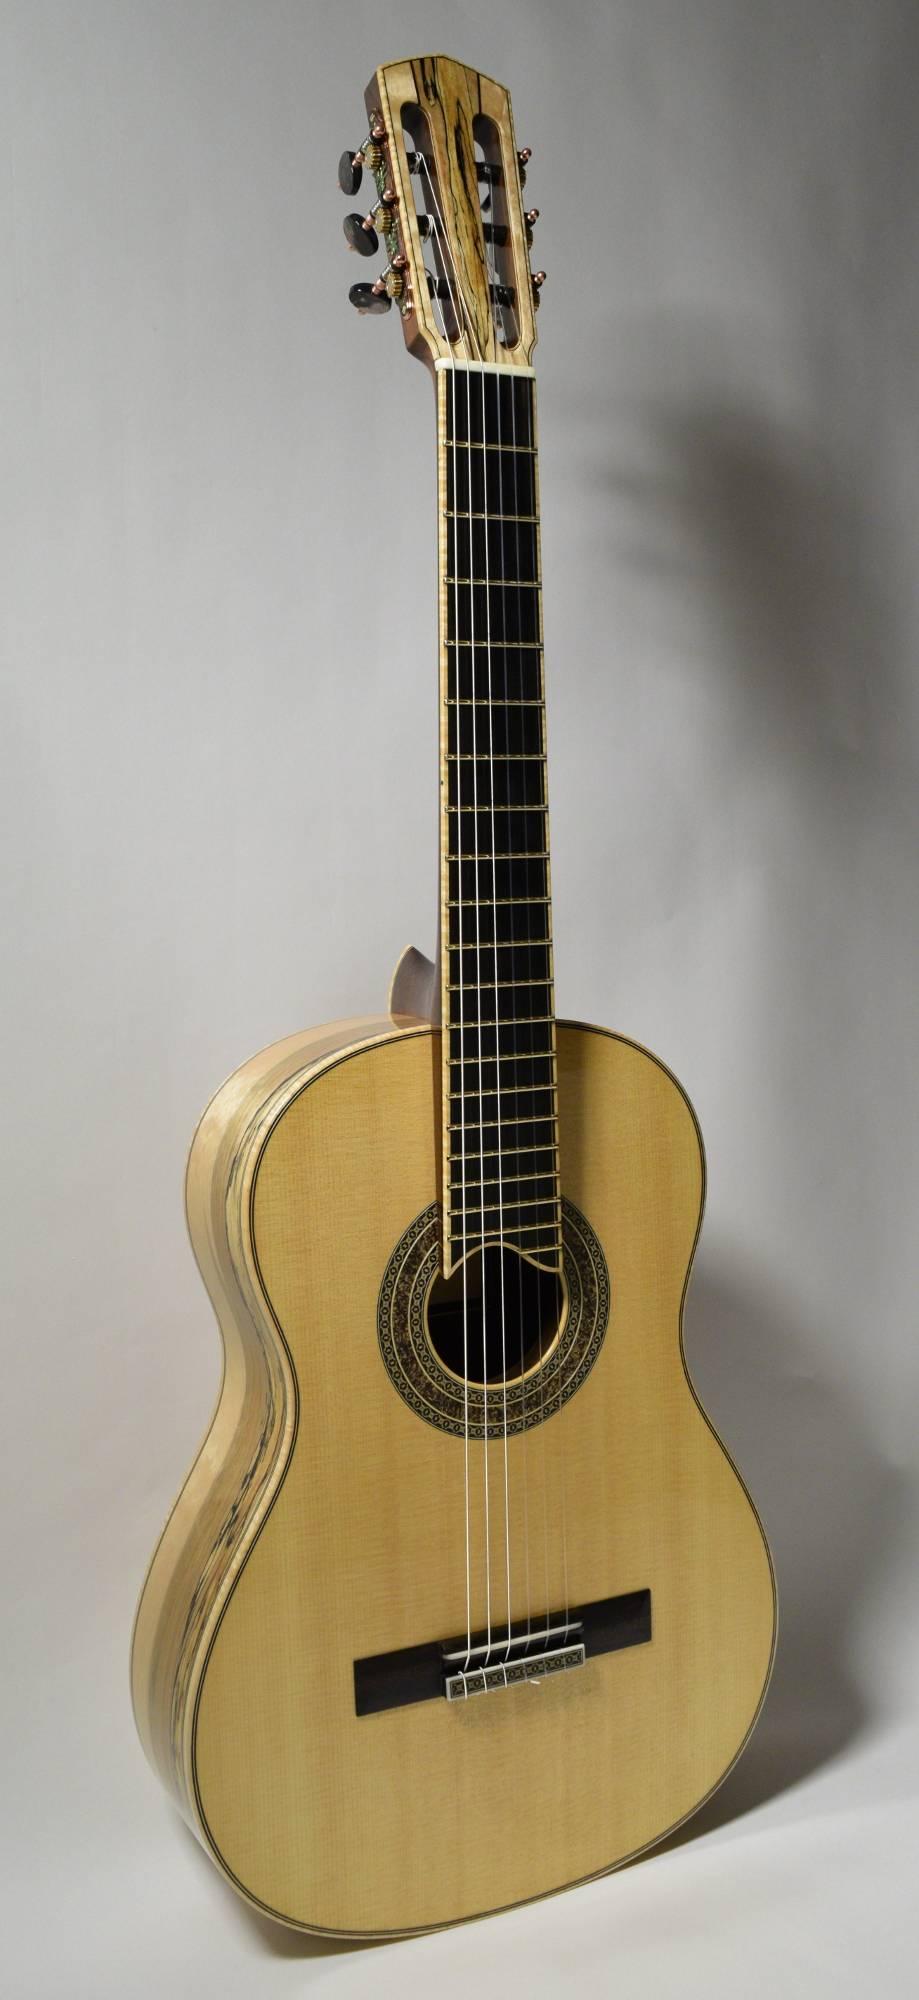 Guitar No. 30